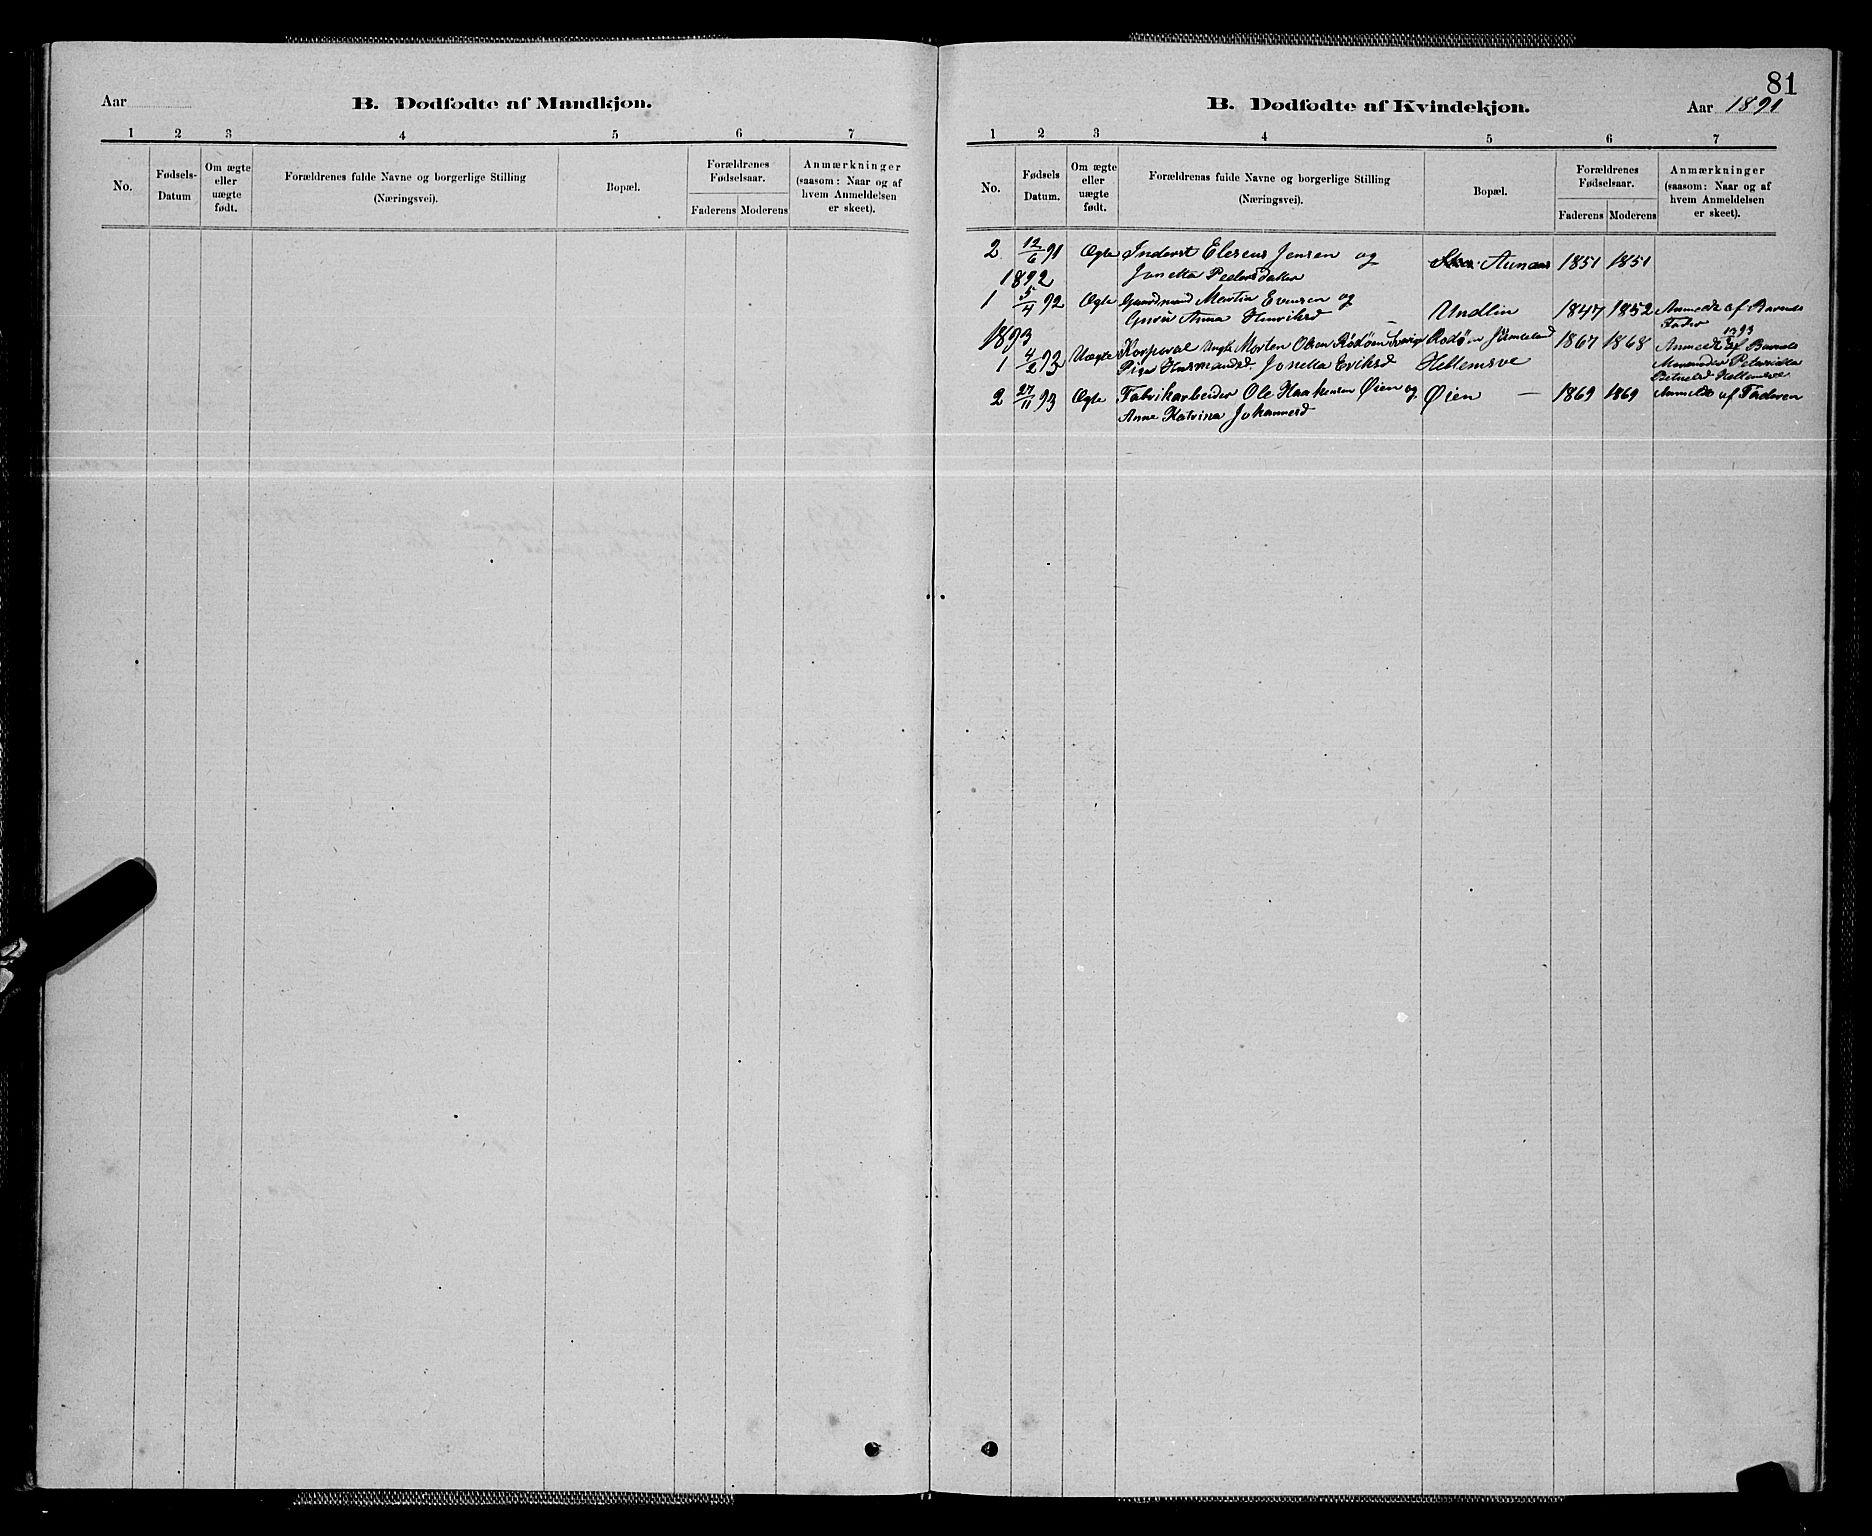 SAT, Ministerialprotokoller, klokkerbøker og fødselsregistre - Nord-Trøndelag, 714/L0134: Klokkerbok nr. 714C03, 1878-1898, s. 81